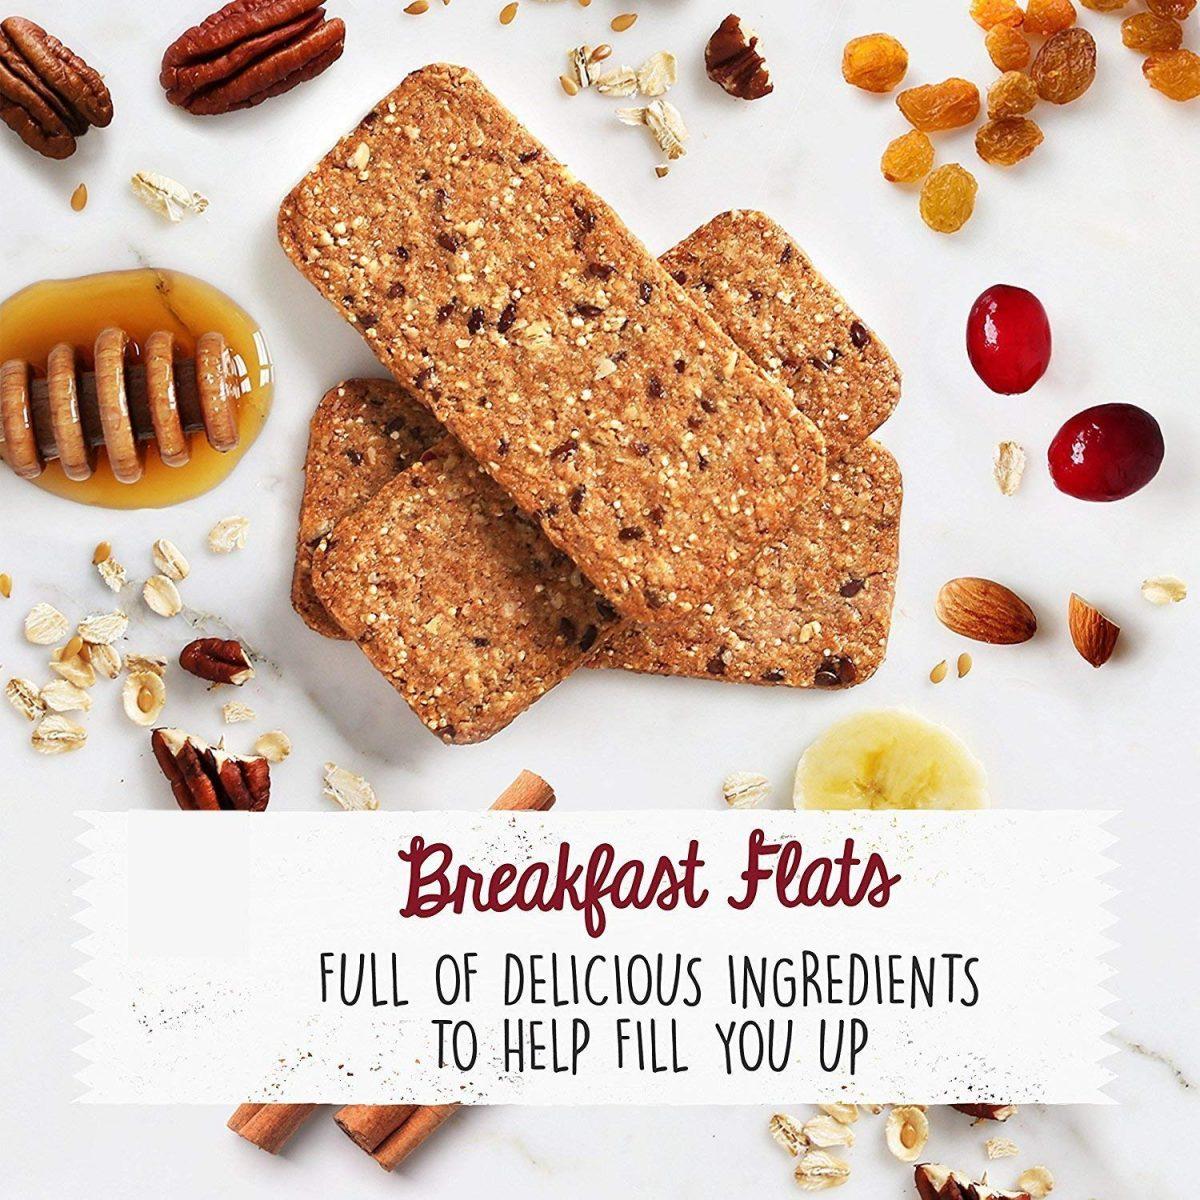 Quaker Breakfast Flats Coupon Deal